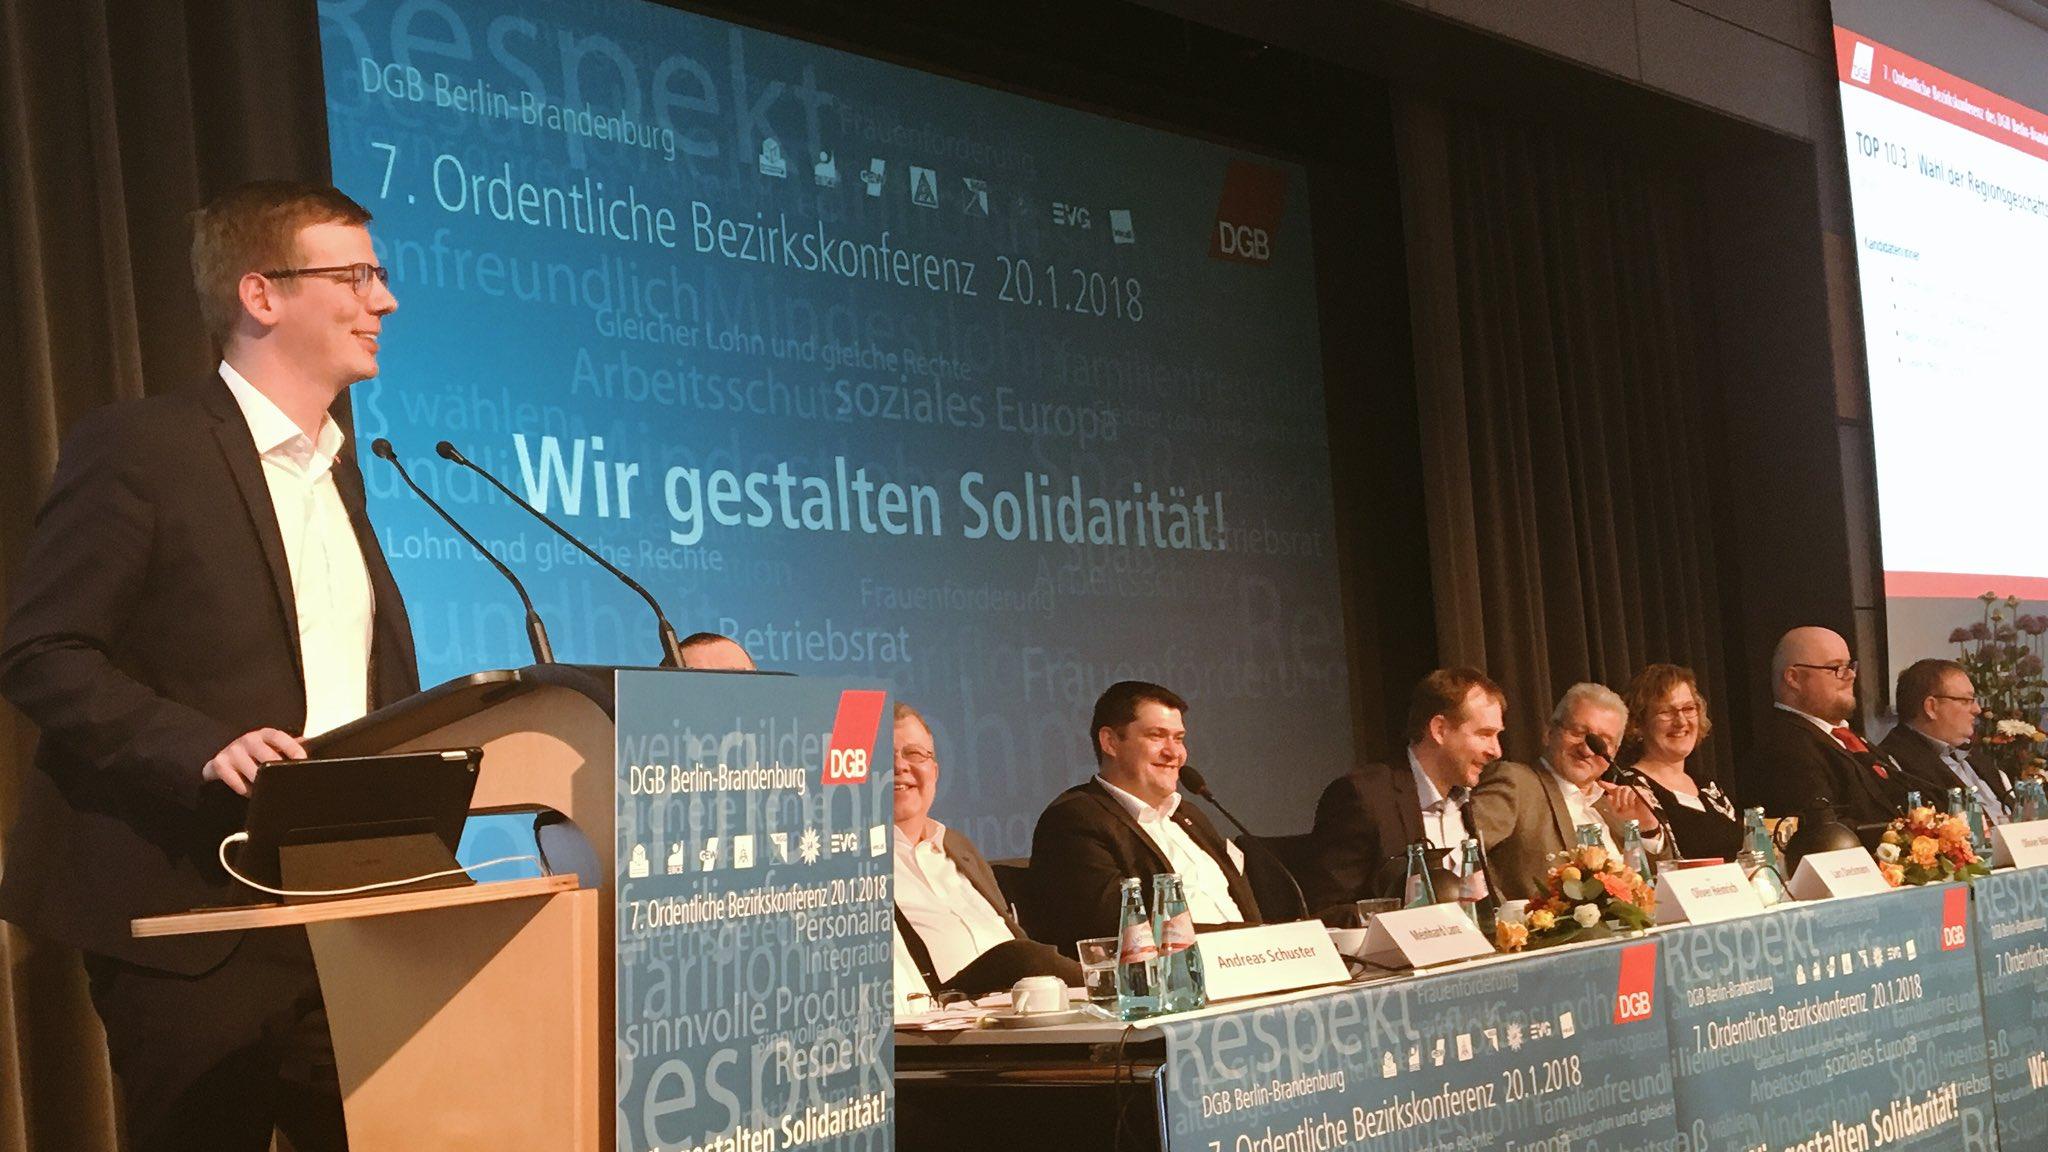 Regionsgeschäftsführer für den DGB Ostbrandenburg Sebastian Walter nach seiner Wahl auf der 7. Ordentlichen Bezirkskonferenz des DGB Berlin-Brandenburg